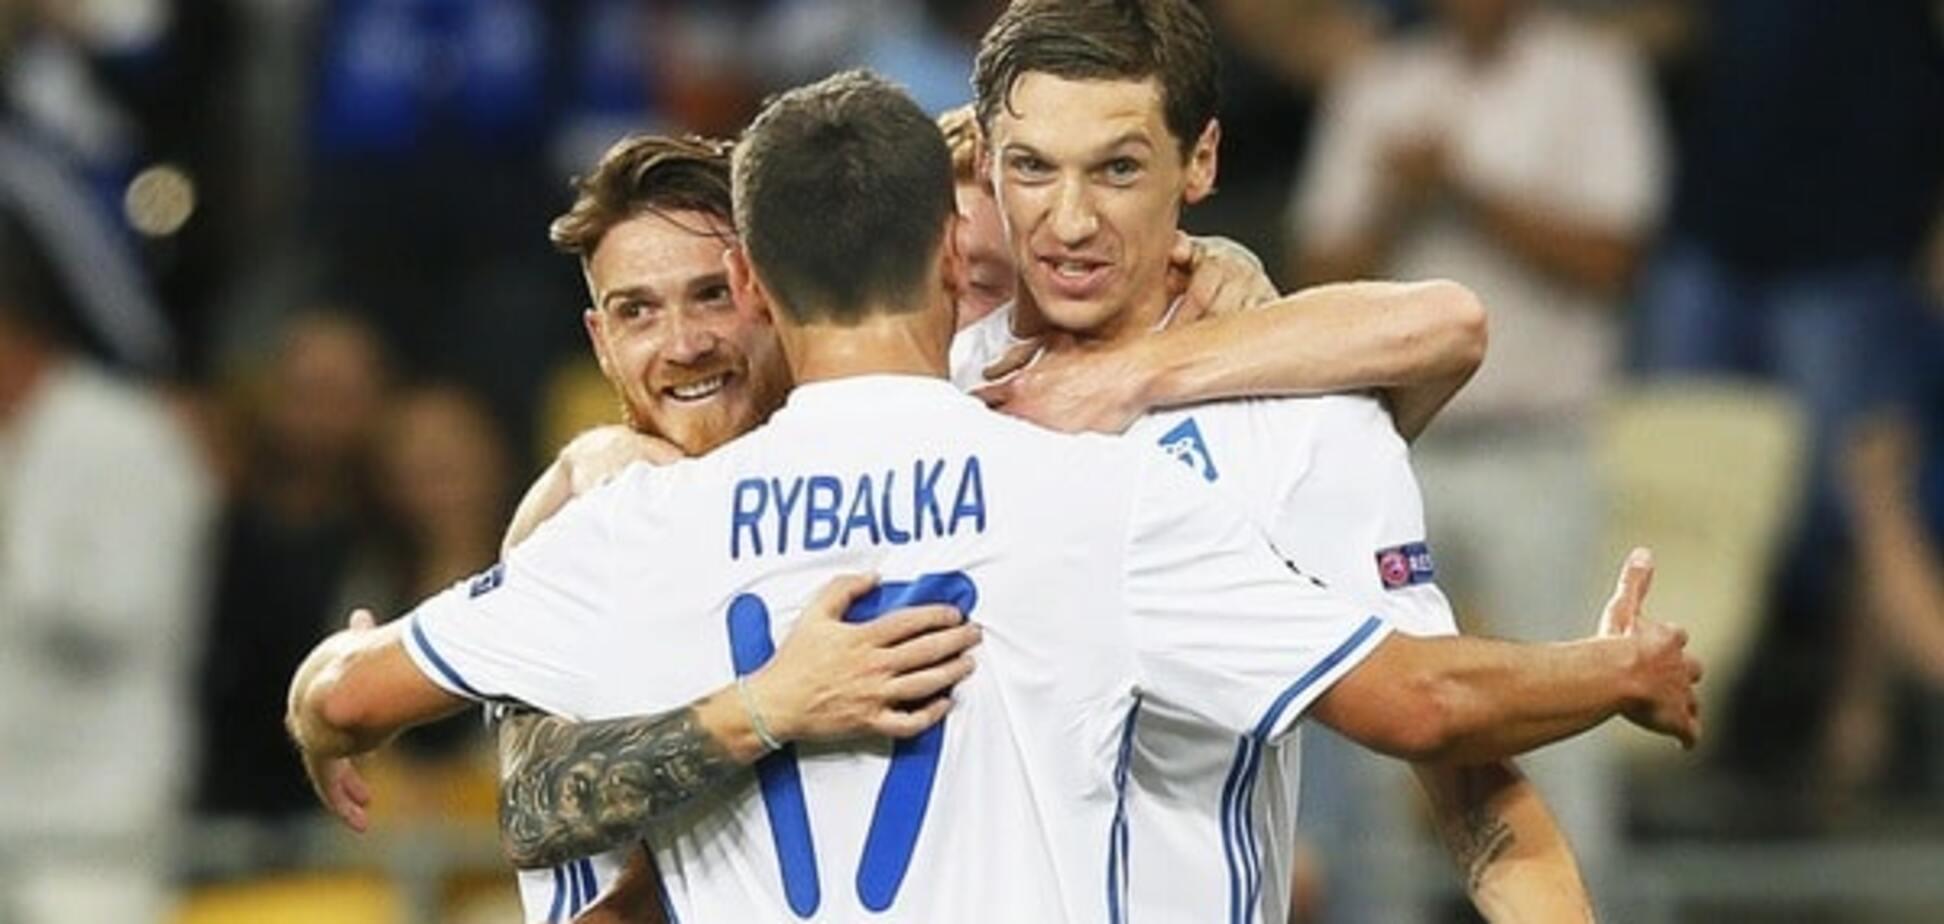 Итальянские СМИ оконфузились с лидером 'Динамо' после матча Лиги чемпионов